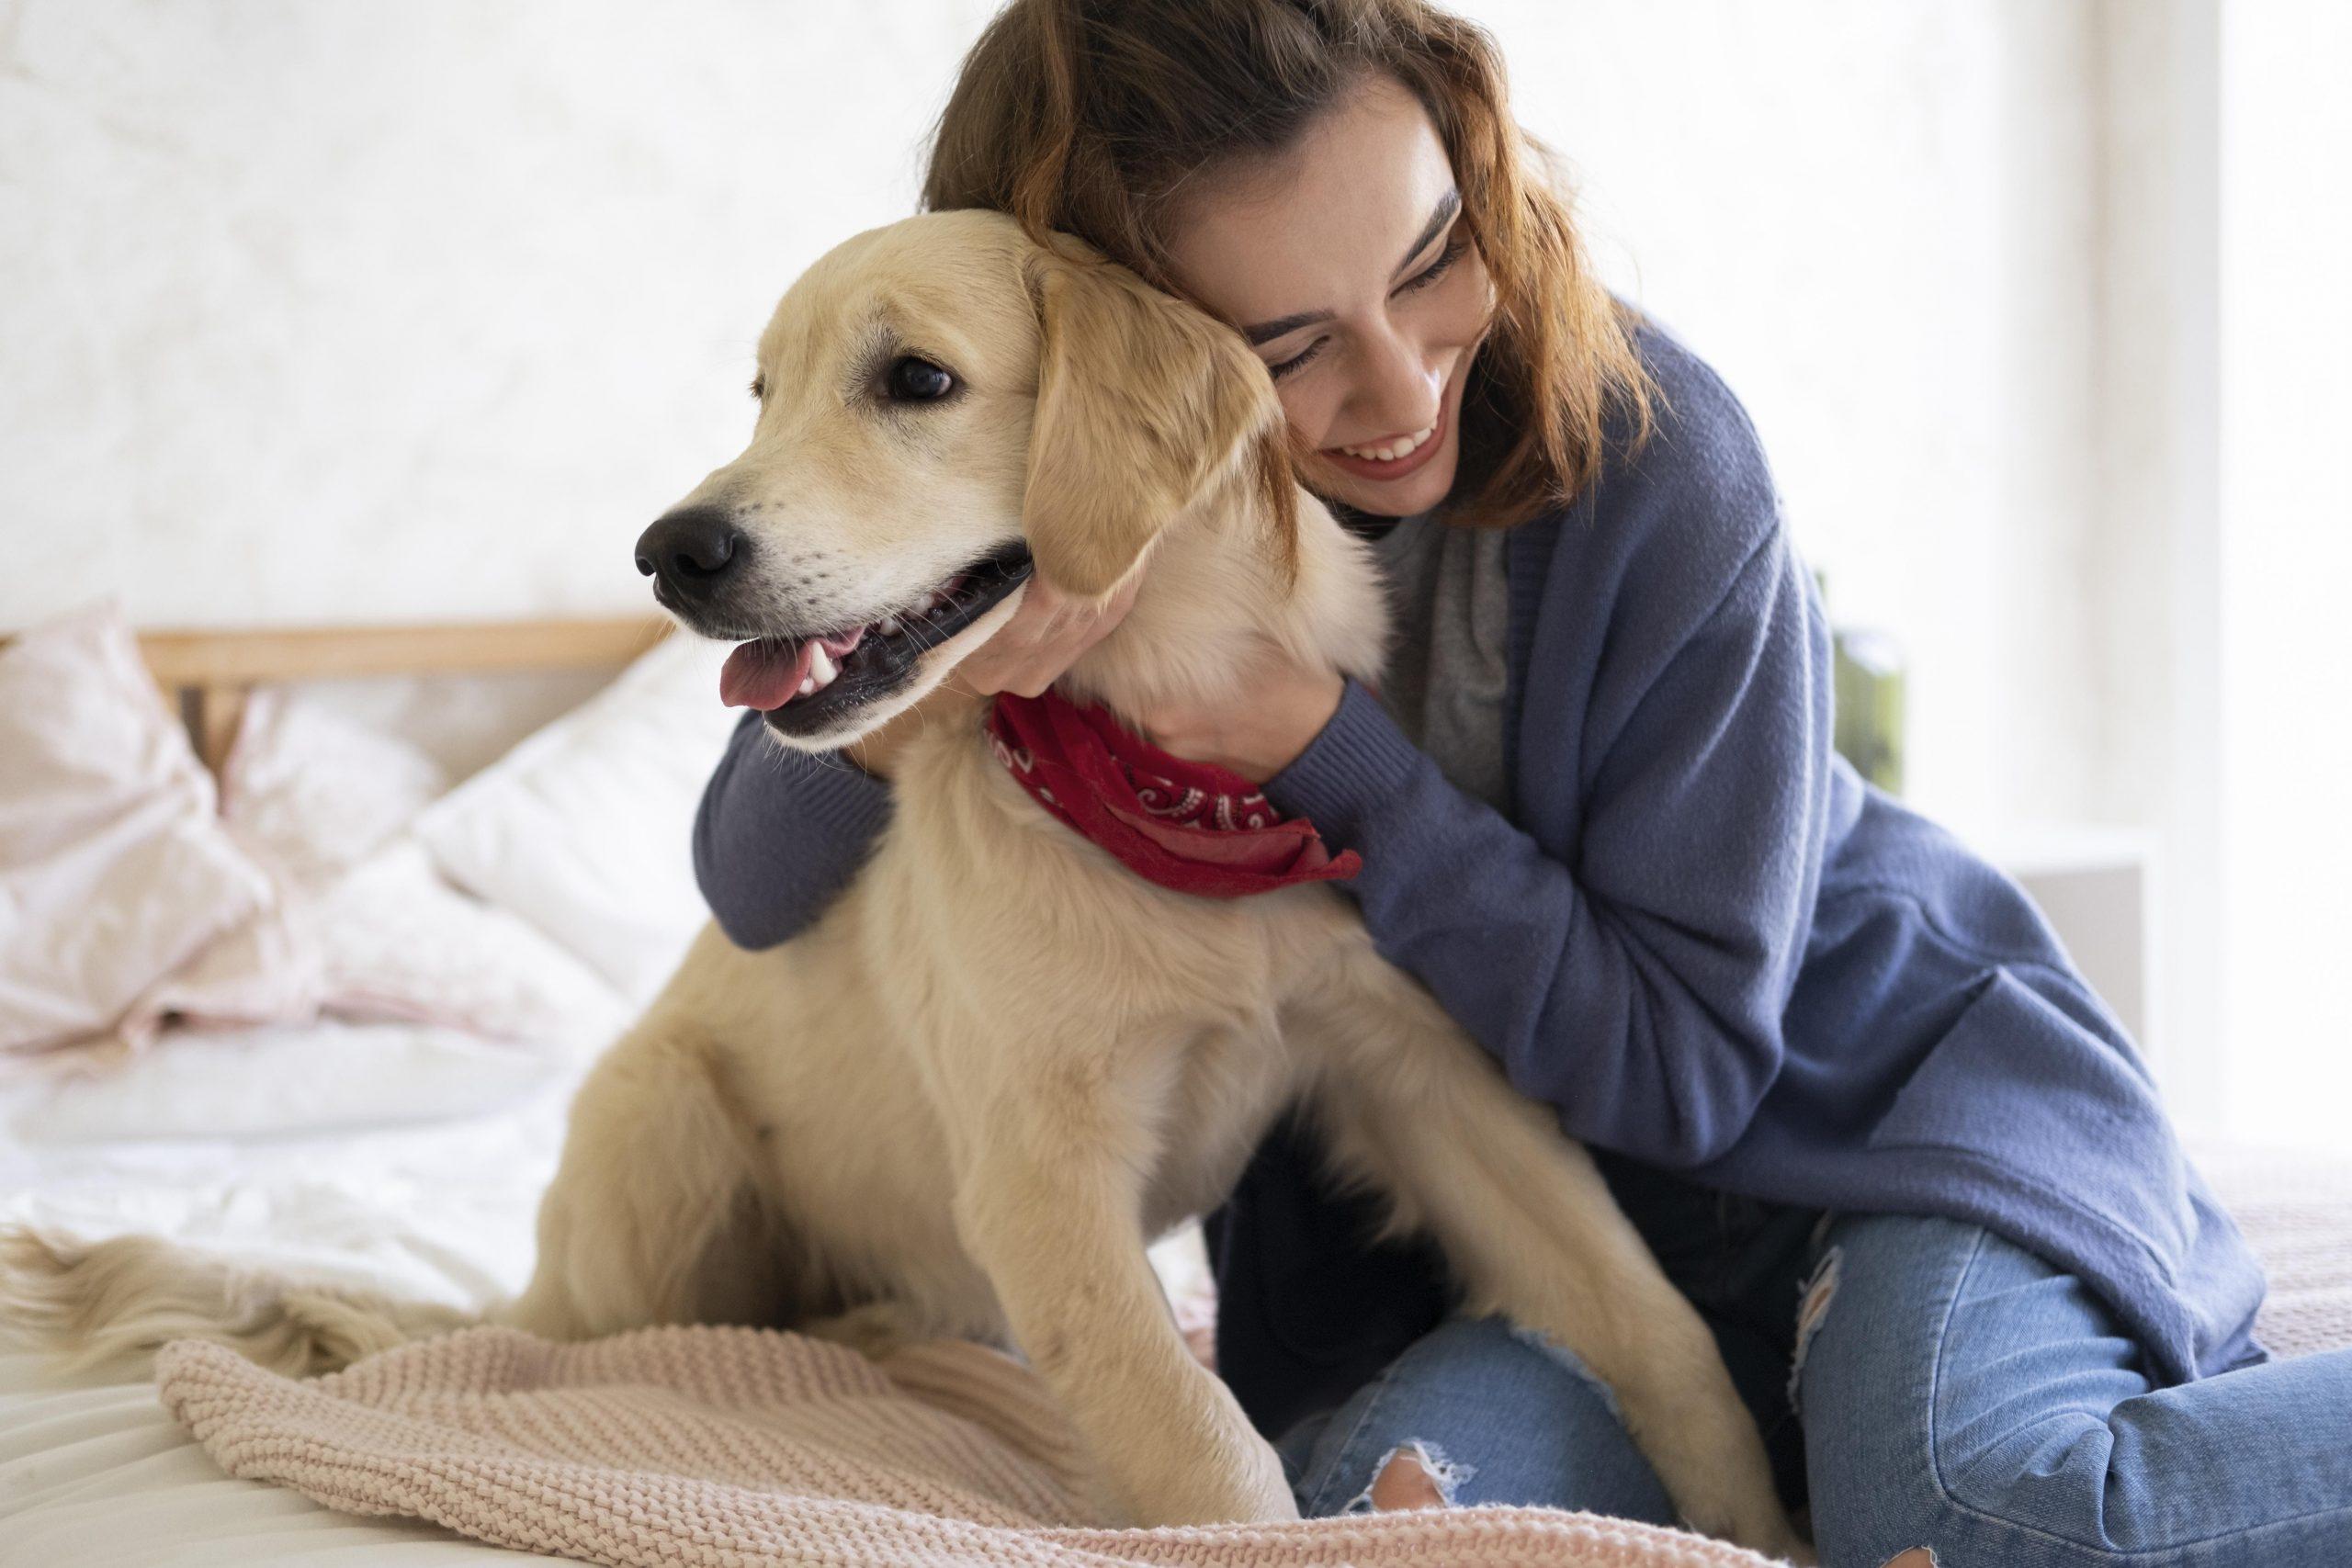 Cachorro no apartamento: o que diz a lei e como cuidar do seu pet?